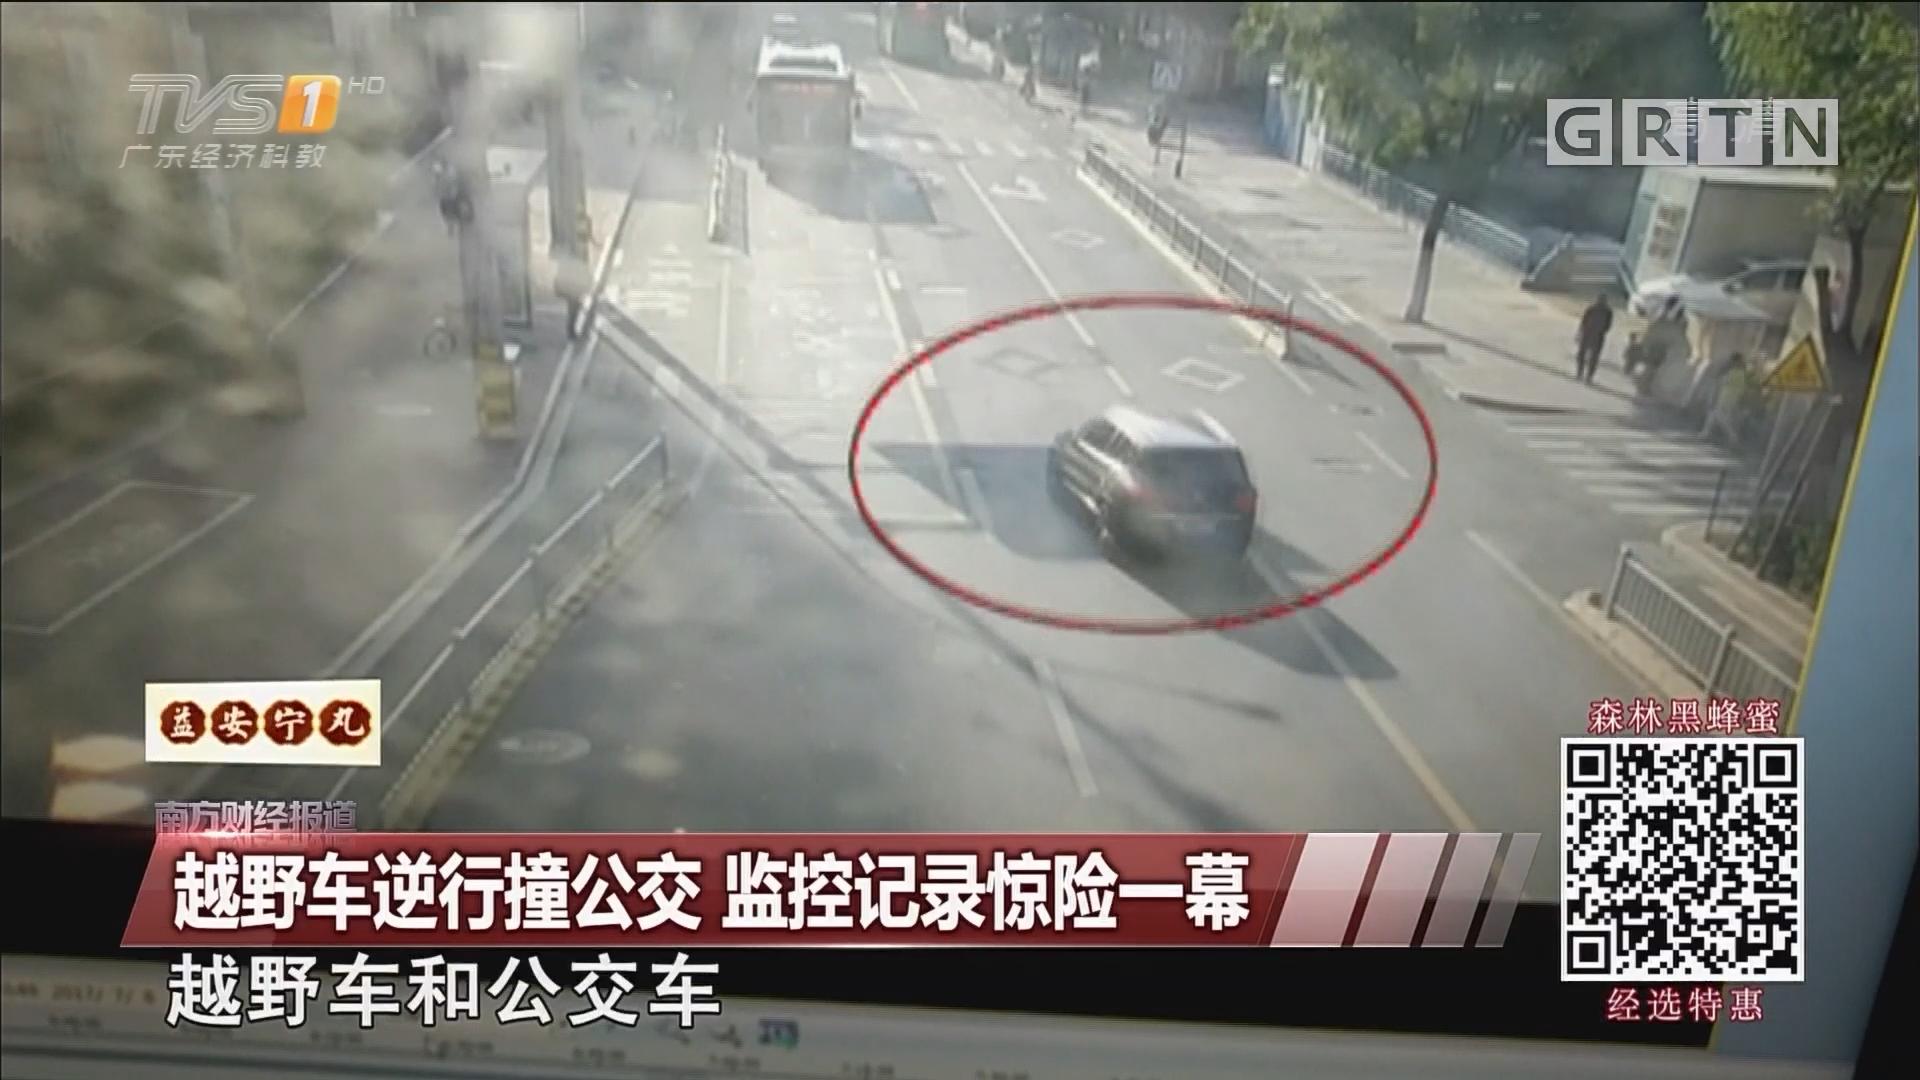 越野车逆行撞公交 监控记录惊险一幕